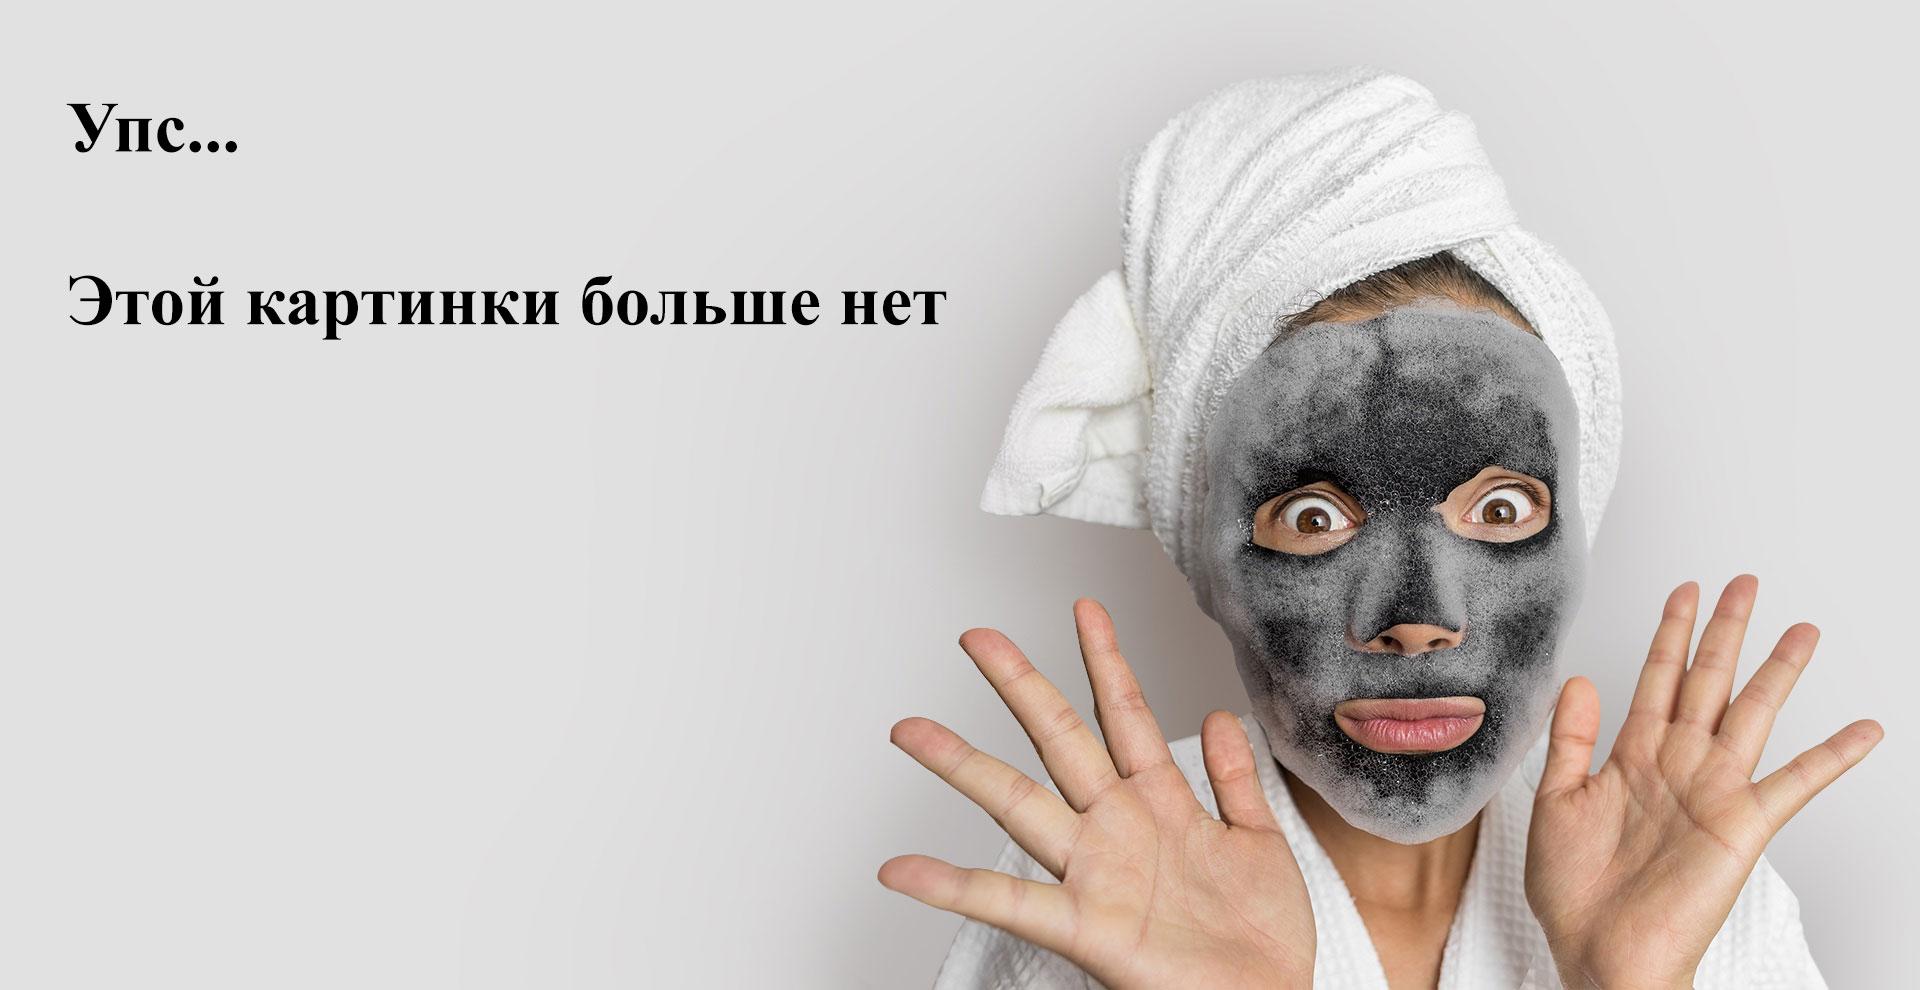 TNL, Гель-лак «Зеркальный блеск» №5, Бирюзово-зеленый